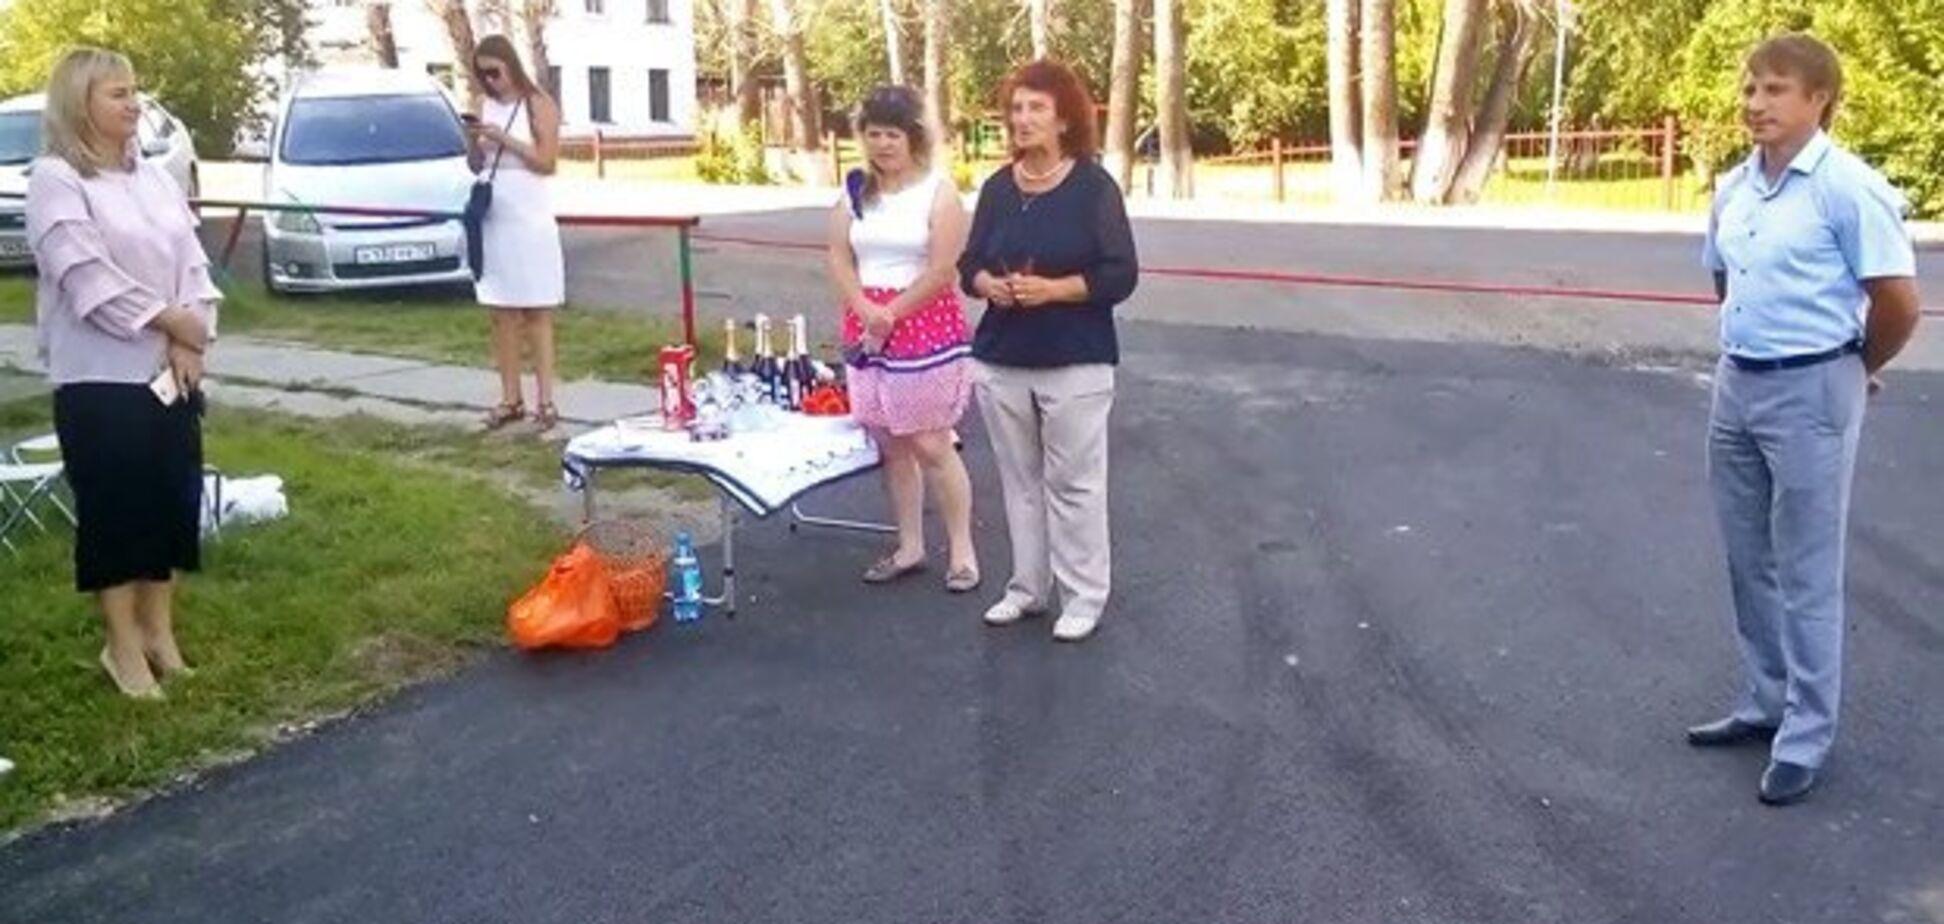 'Для них и это праздник': в сети высмеяли торжественное открытие асфальта в России